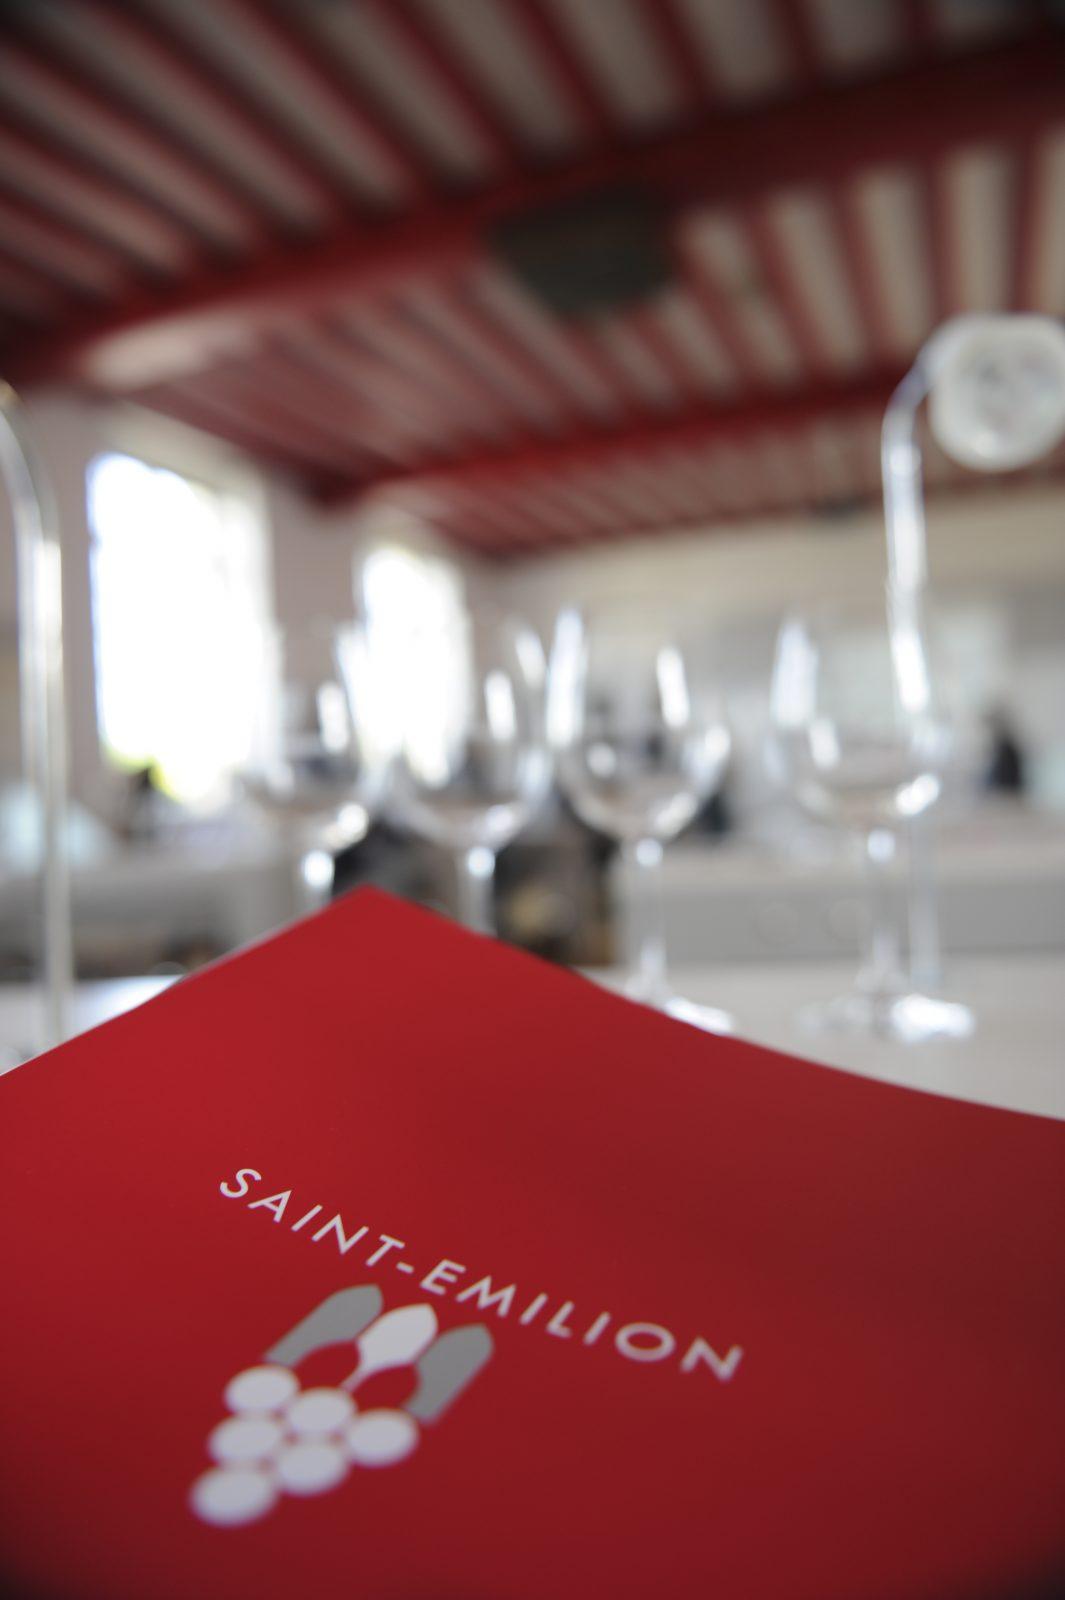 Ecole du vin photo 02